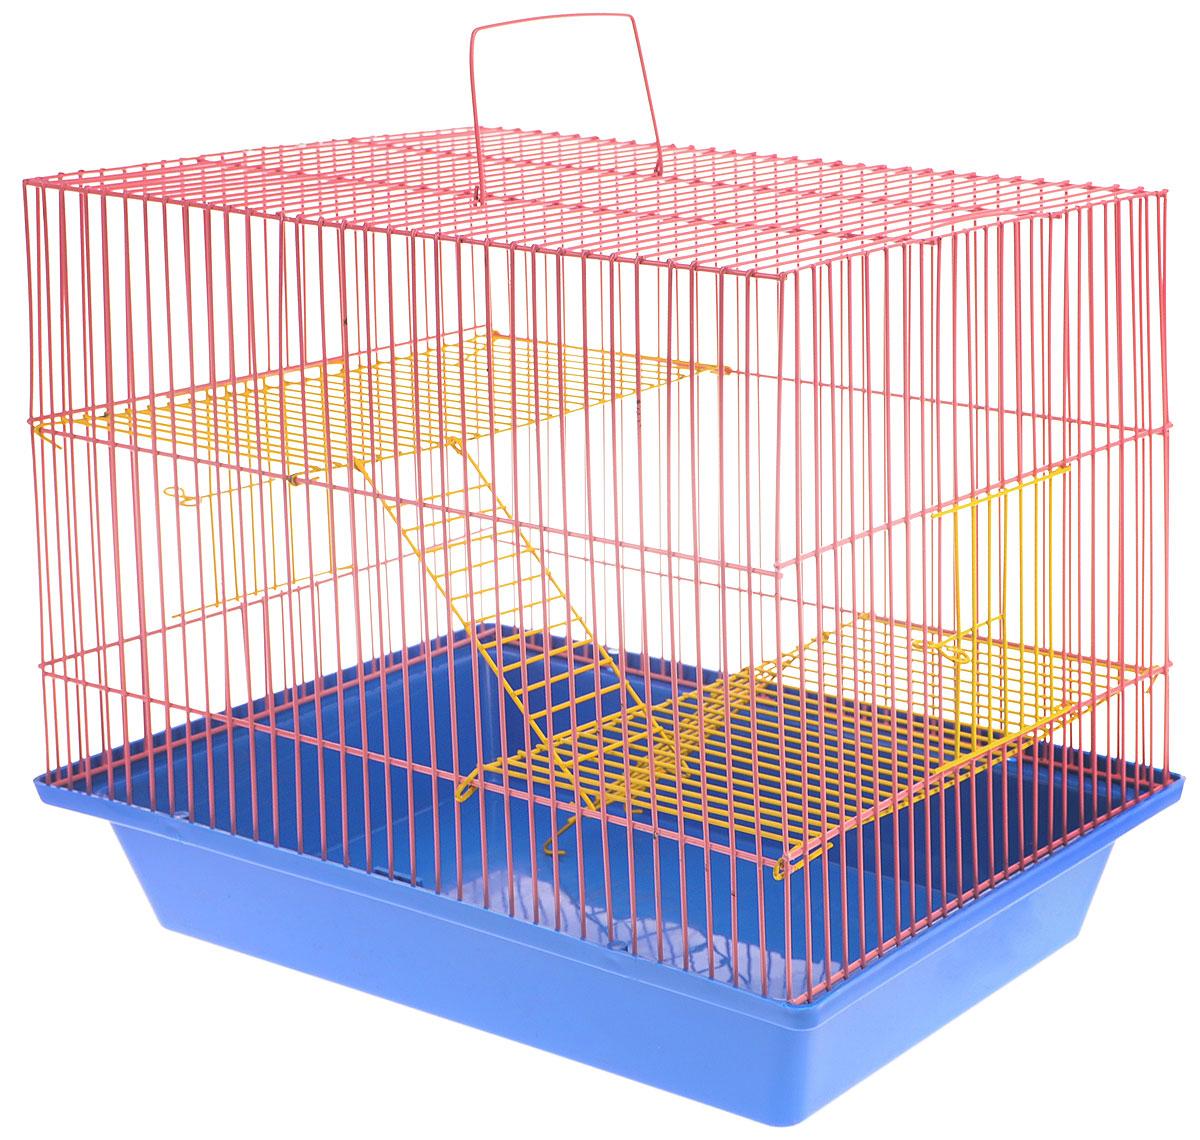 Клетка для грызунов ЗооМарк Гризли, 3-этажная, цвет: синий поддон, розовая решетка, желтые этажи, 41 х 30 х 36 см. 230ж230ж_синий, розовыйКлетка ЗооМарк Гризли, выполненная из полипропилена и металла, подходит для мелких грызунов. Изделие трехэтажное. Клетка имеет яркий поддон, удобна в использовании и легко чистится. Сверху имеется ручка для переноски. Такая клетка станет уединенным личным пространством и уютным домиком для маленького грызуна.